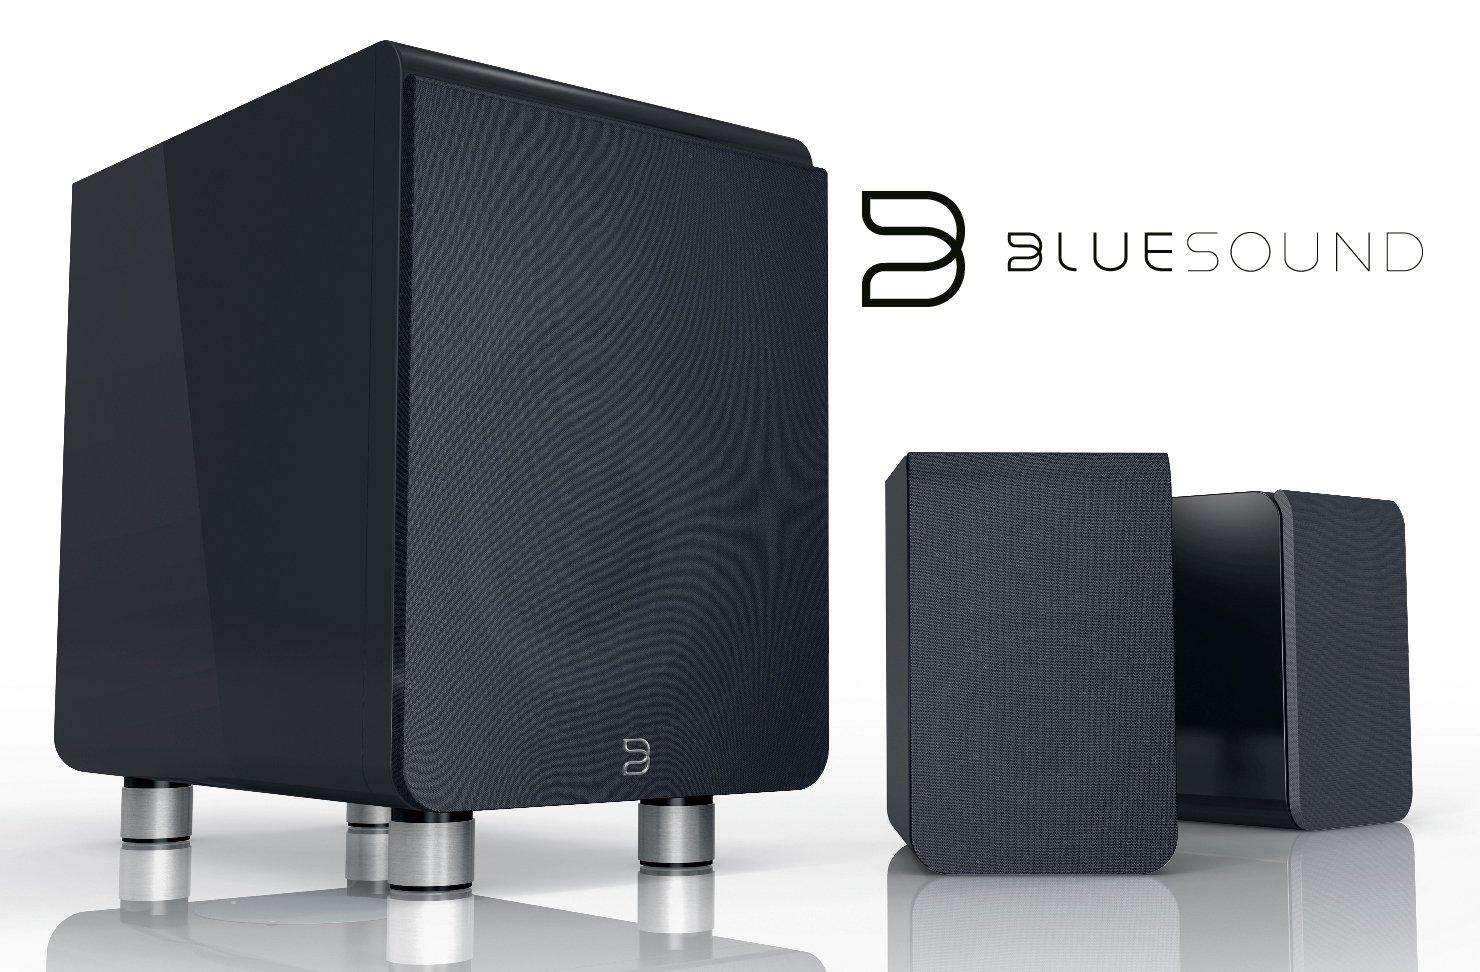 Das Bluesound Duo Lautsprechersystem aus Sateliten und Subwoofer kauft man beim AkustikTune Hifi Fachhandel